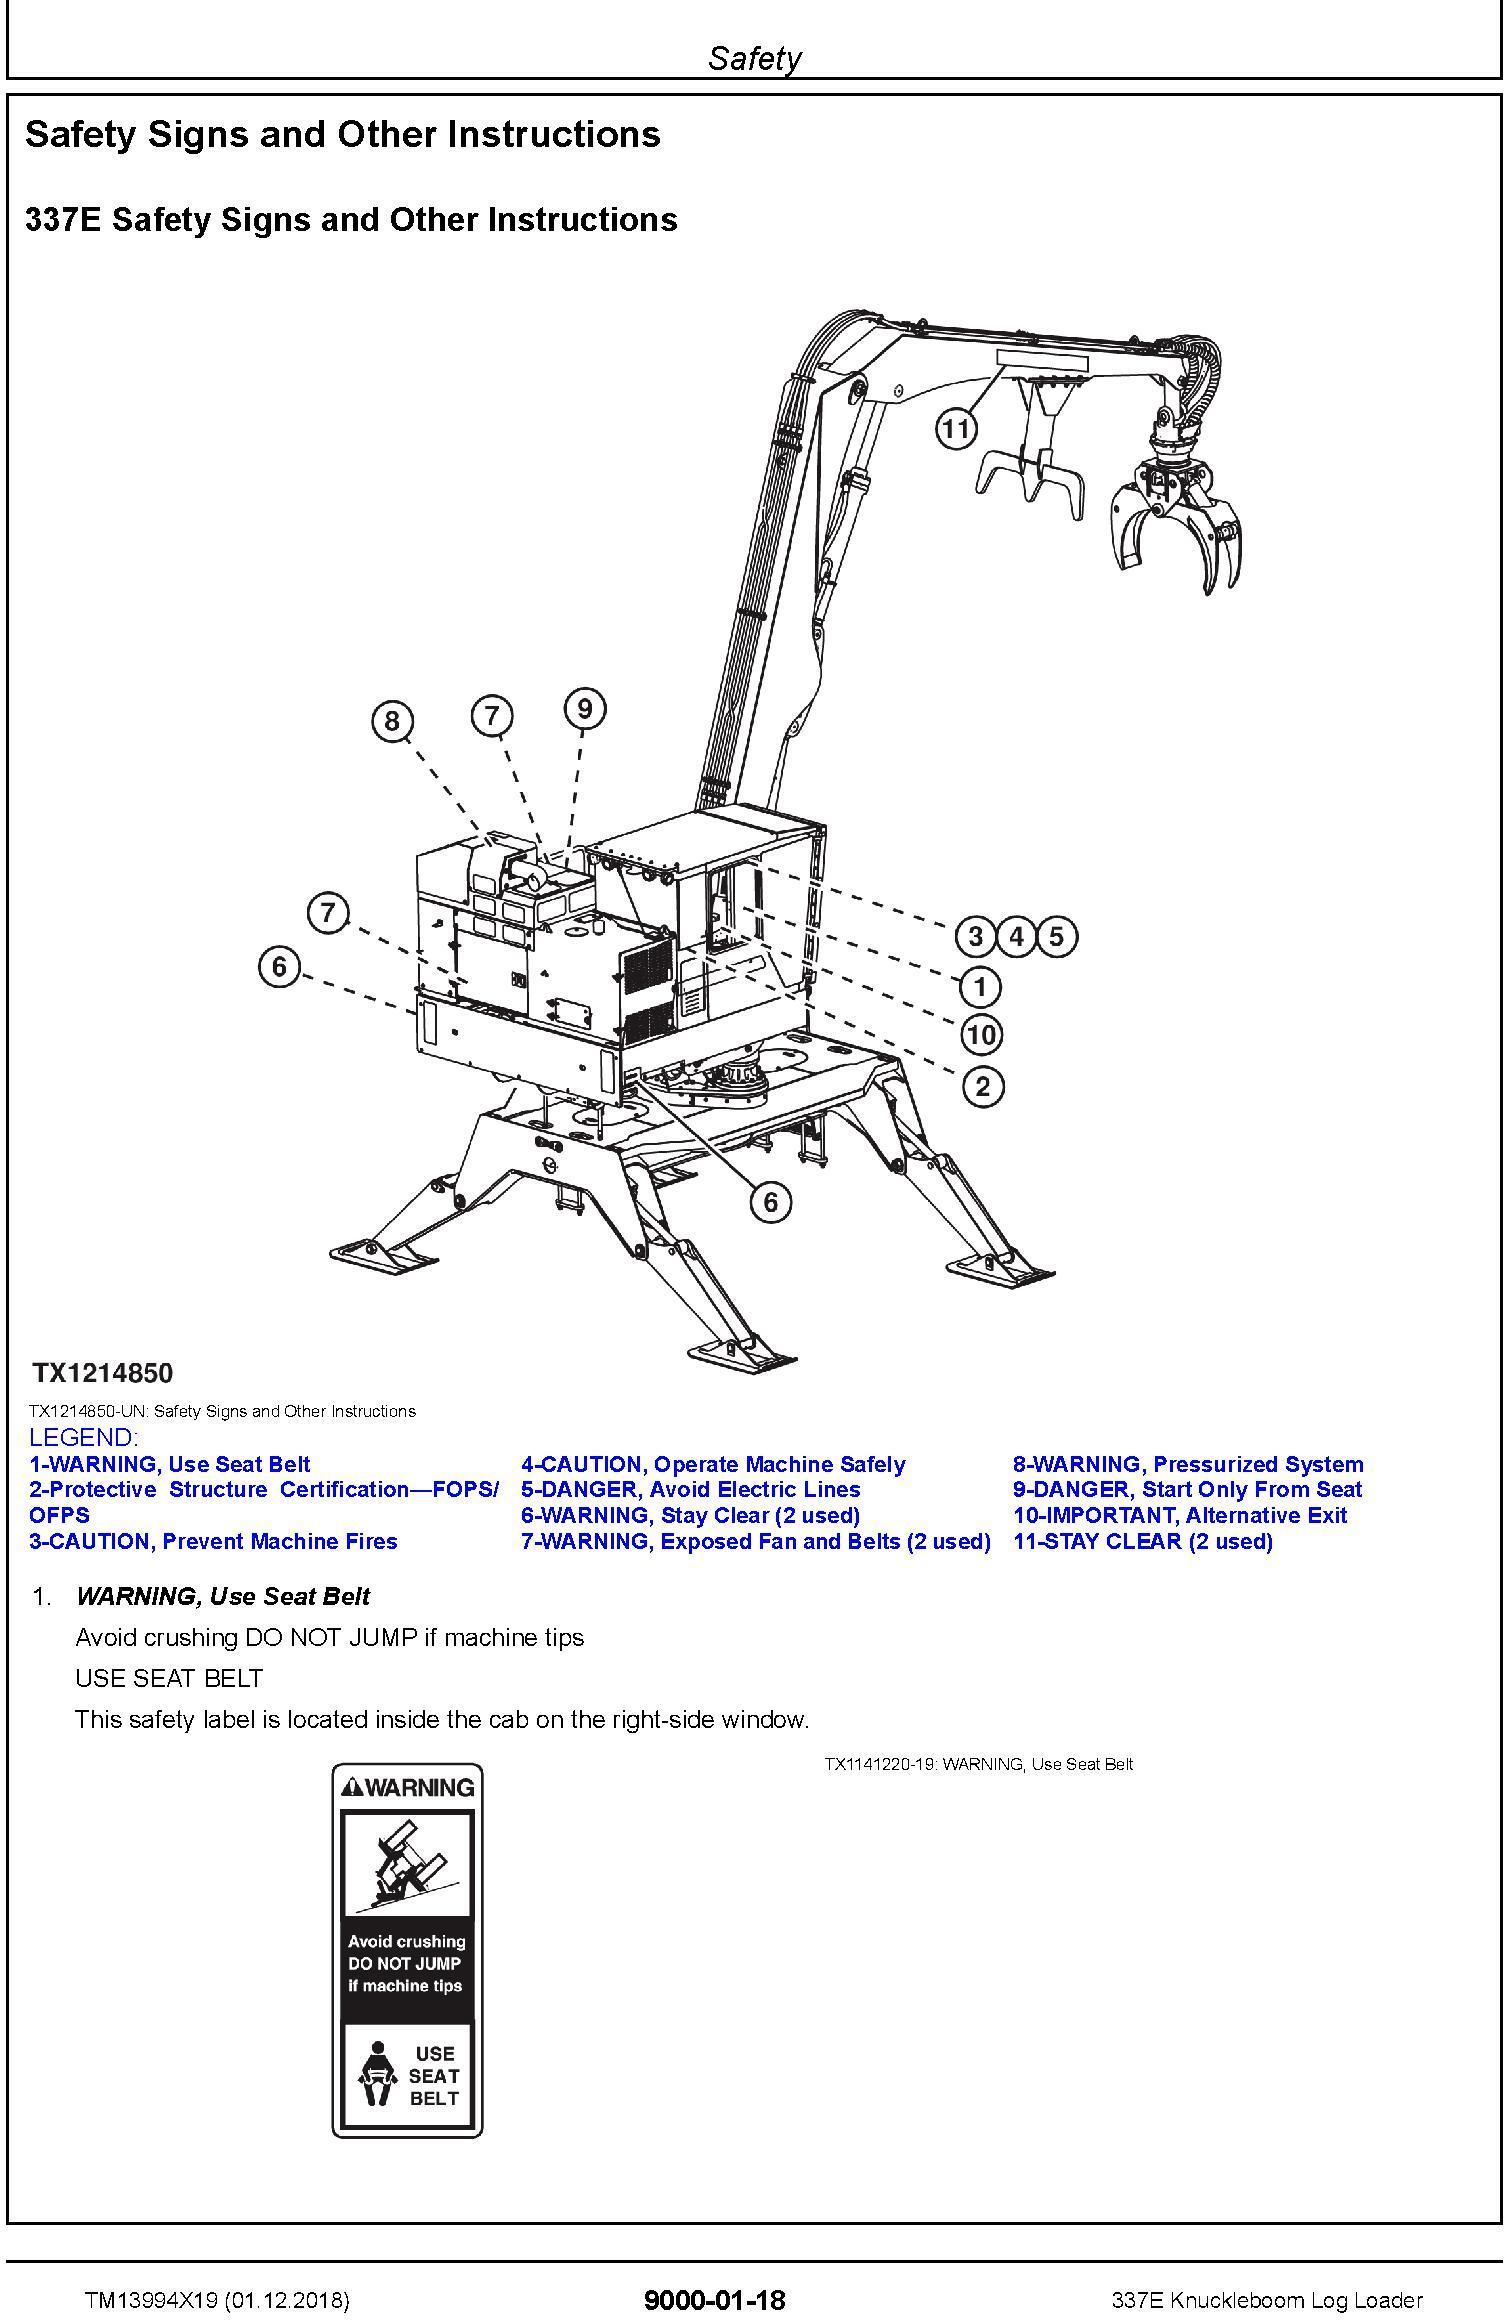 John Deere 337E (SN. C306736-) Knuckleboom Log Loader Operation & Test Technical Manual (TM13994X19) - 1